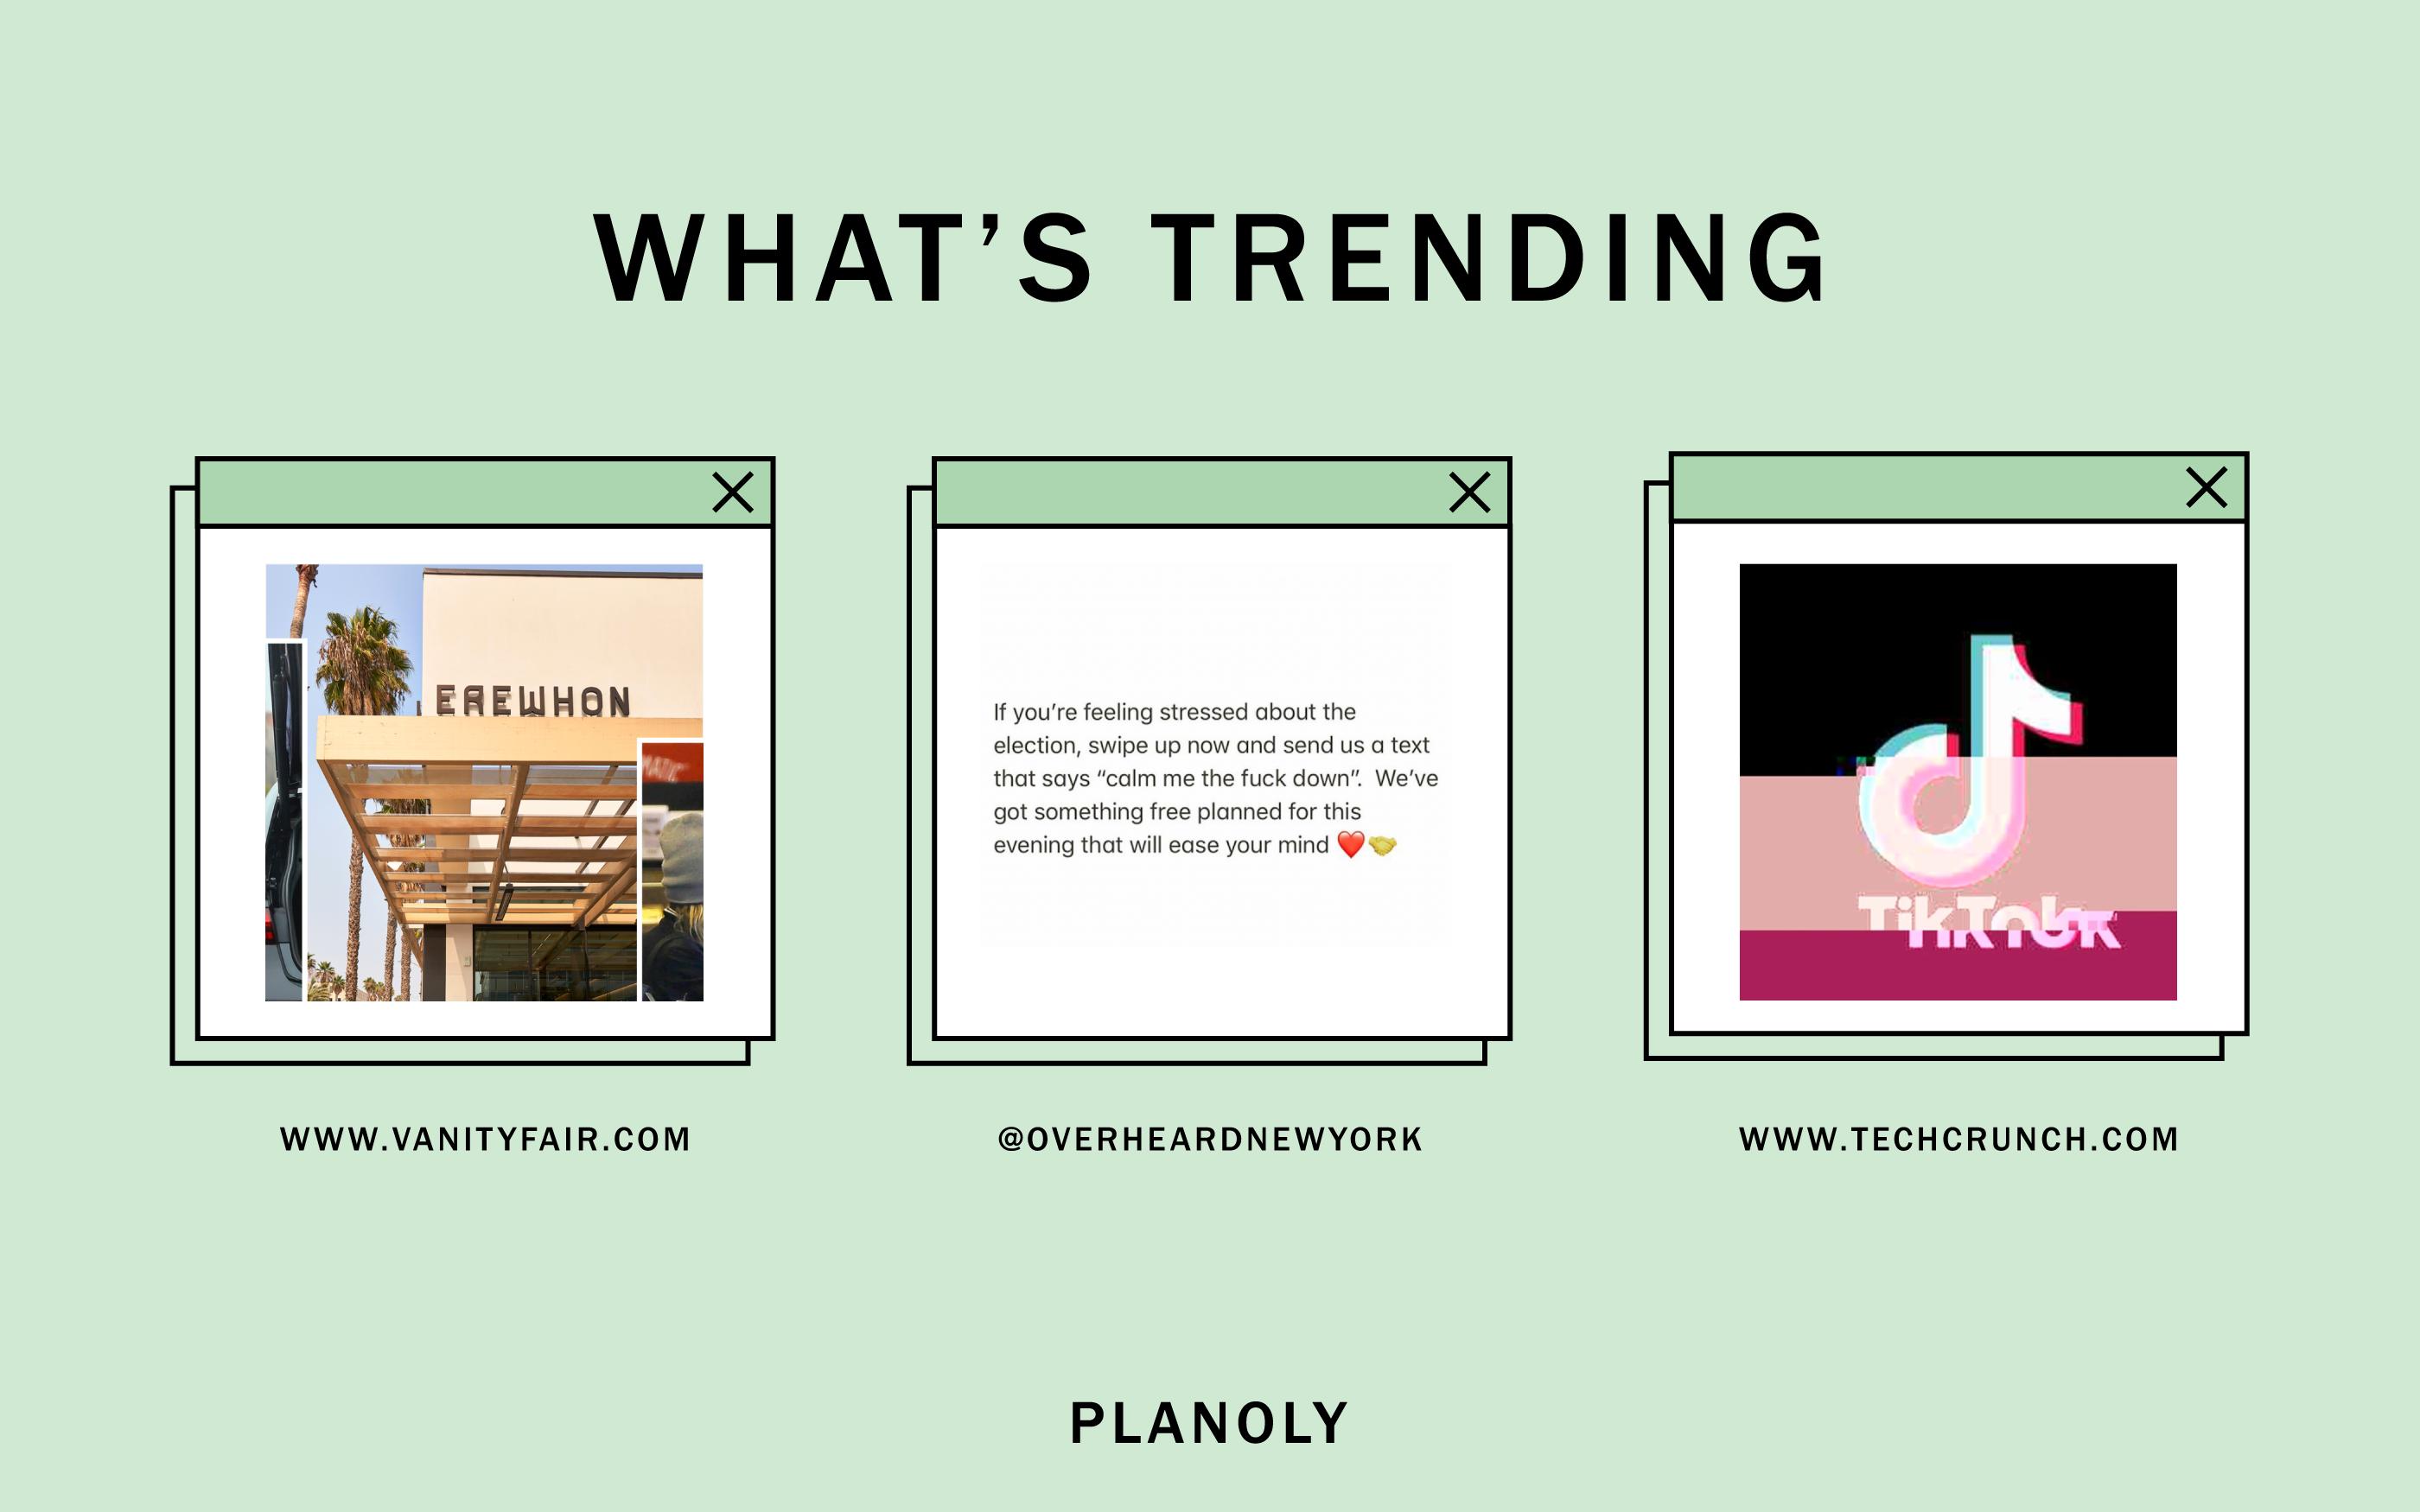 PLANOLY - Blog Post - Social Sphere - Week of 11.02.20 - Image 2